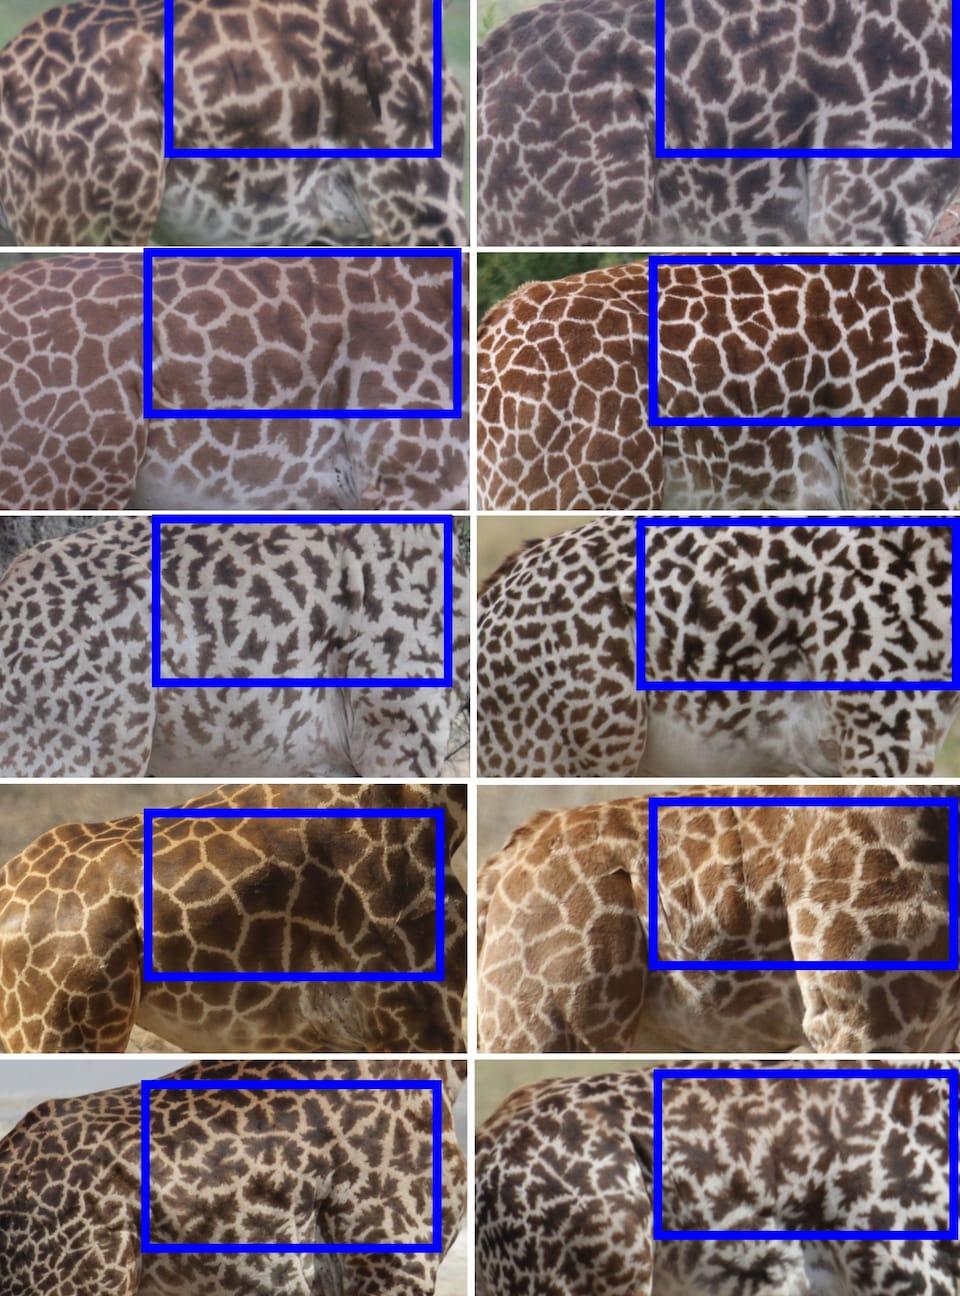 Photos montrant les taches similaires entre les mères et les jeunes girafes.